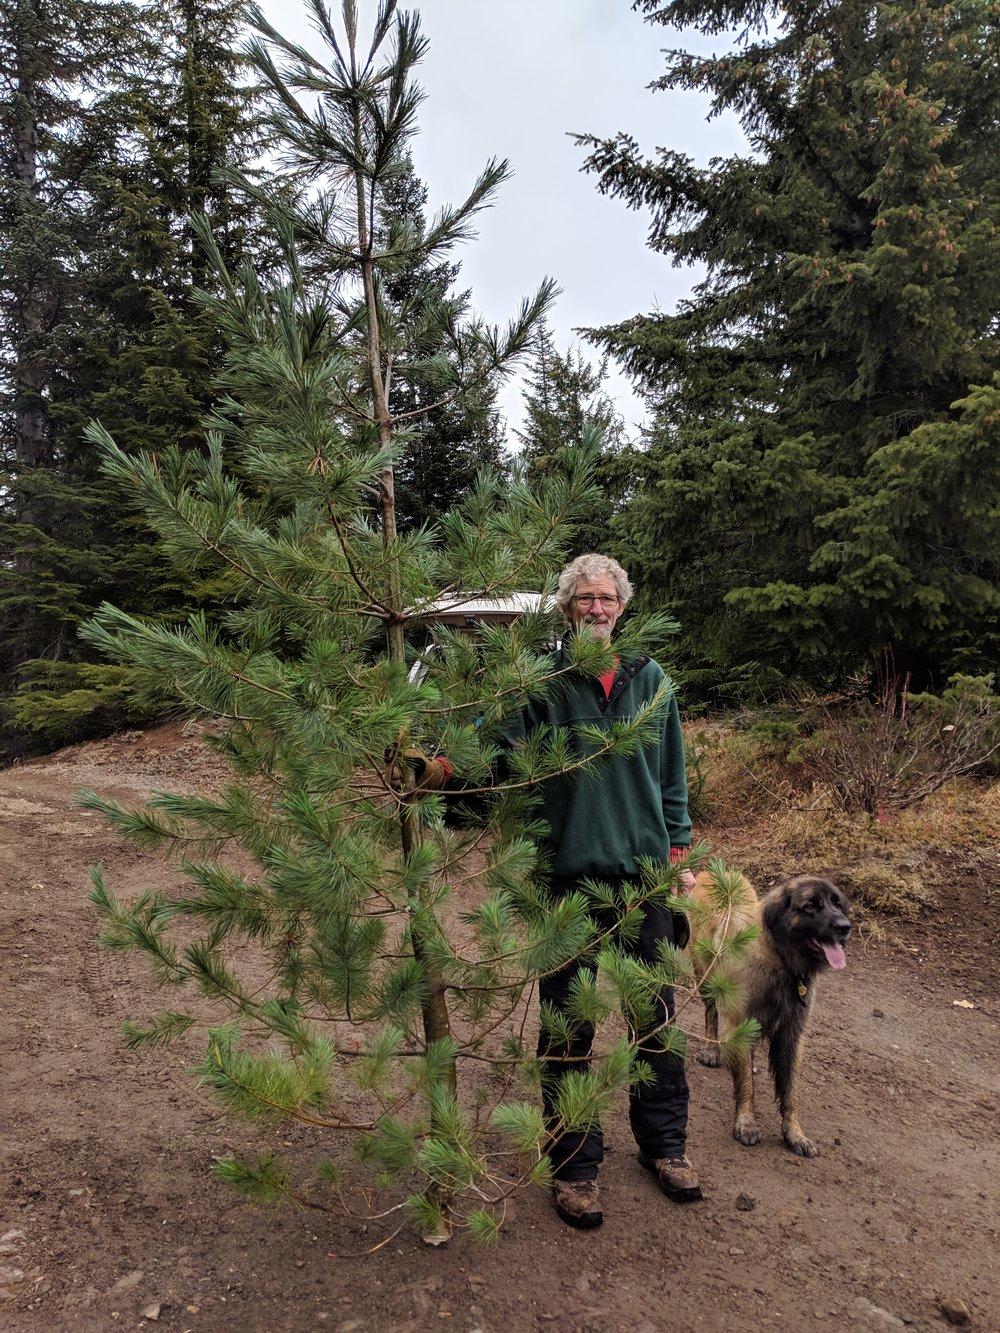 John, Daphne, and the tree.